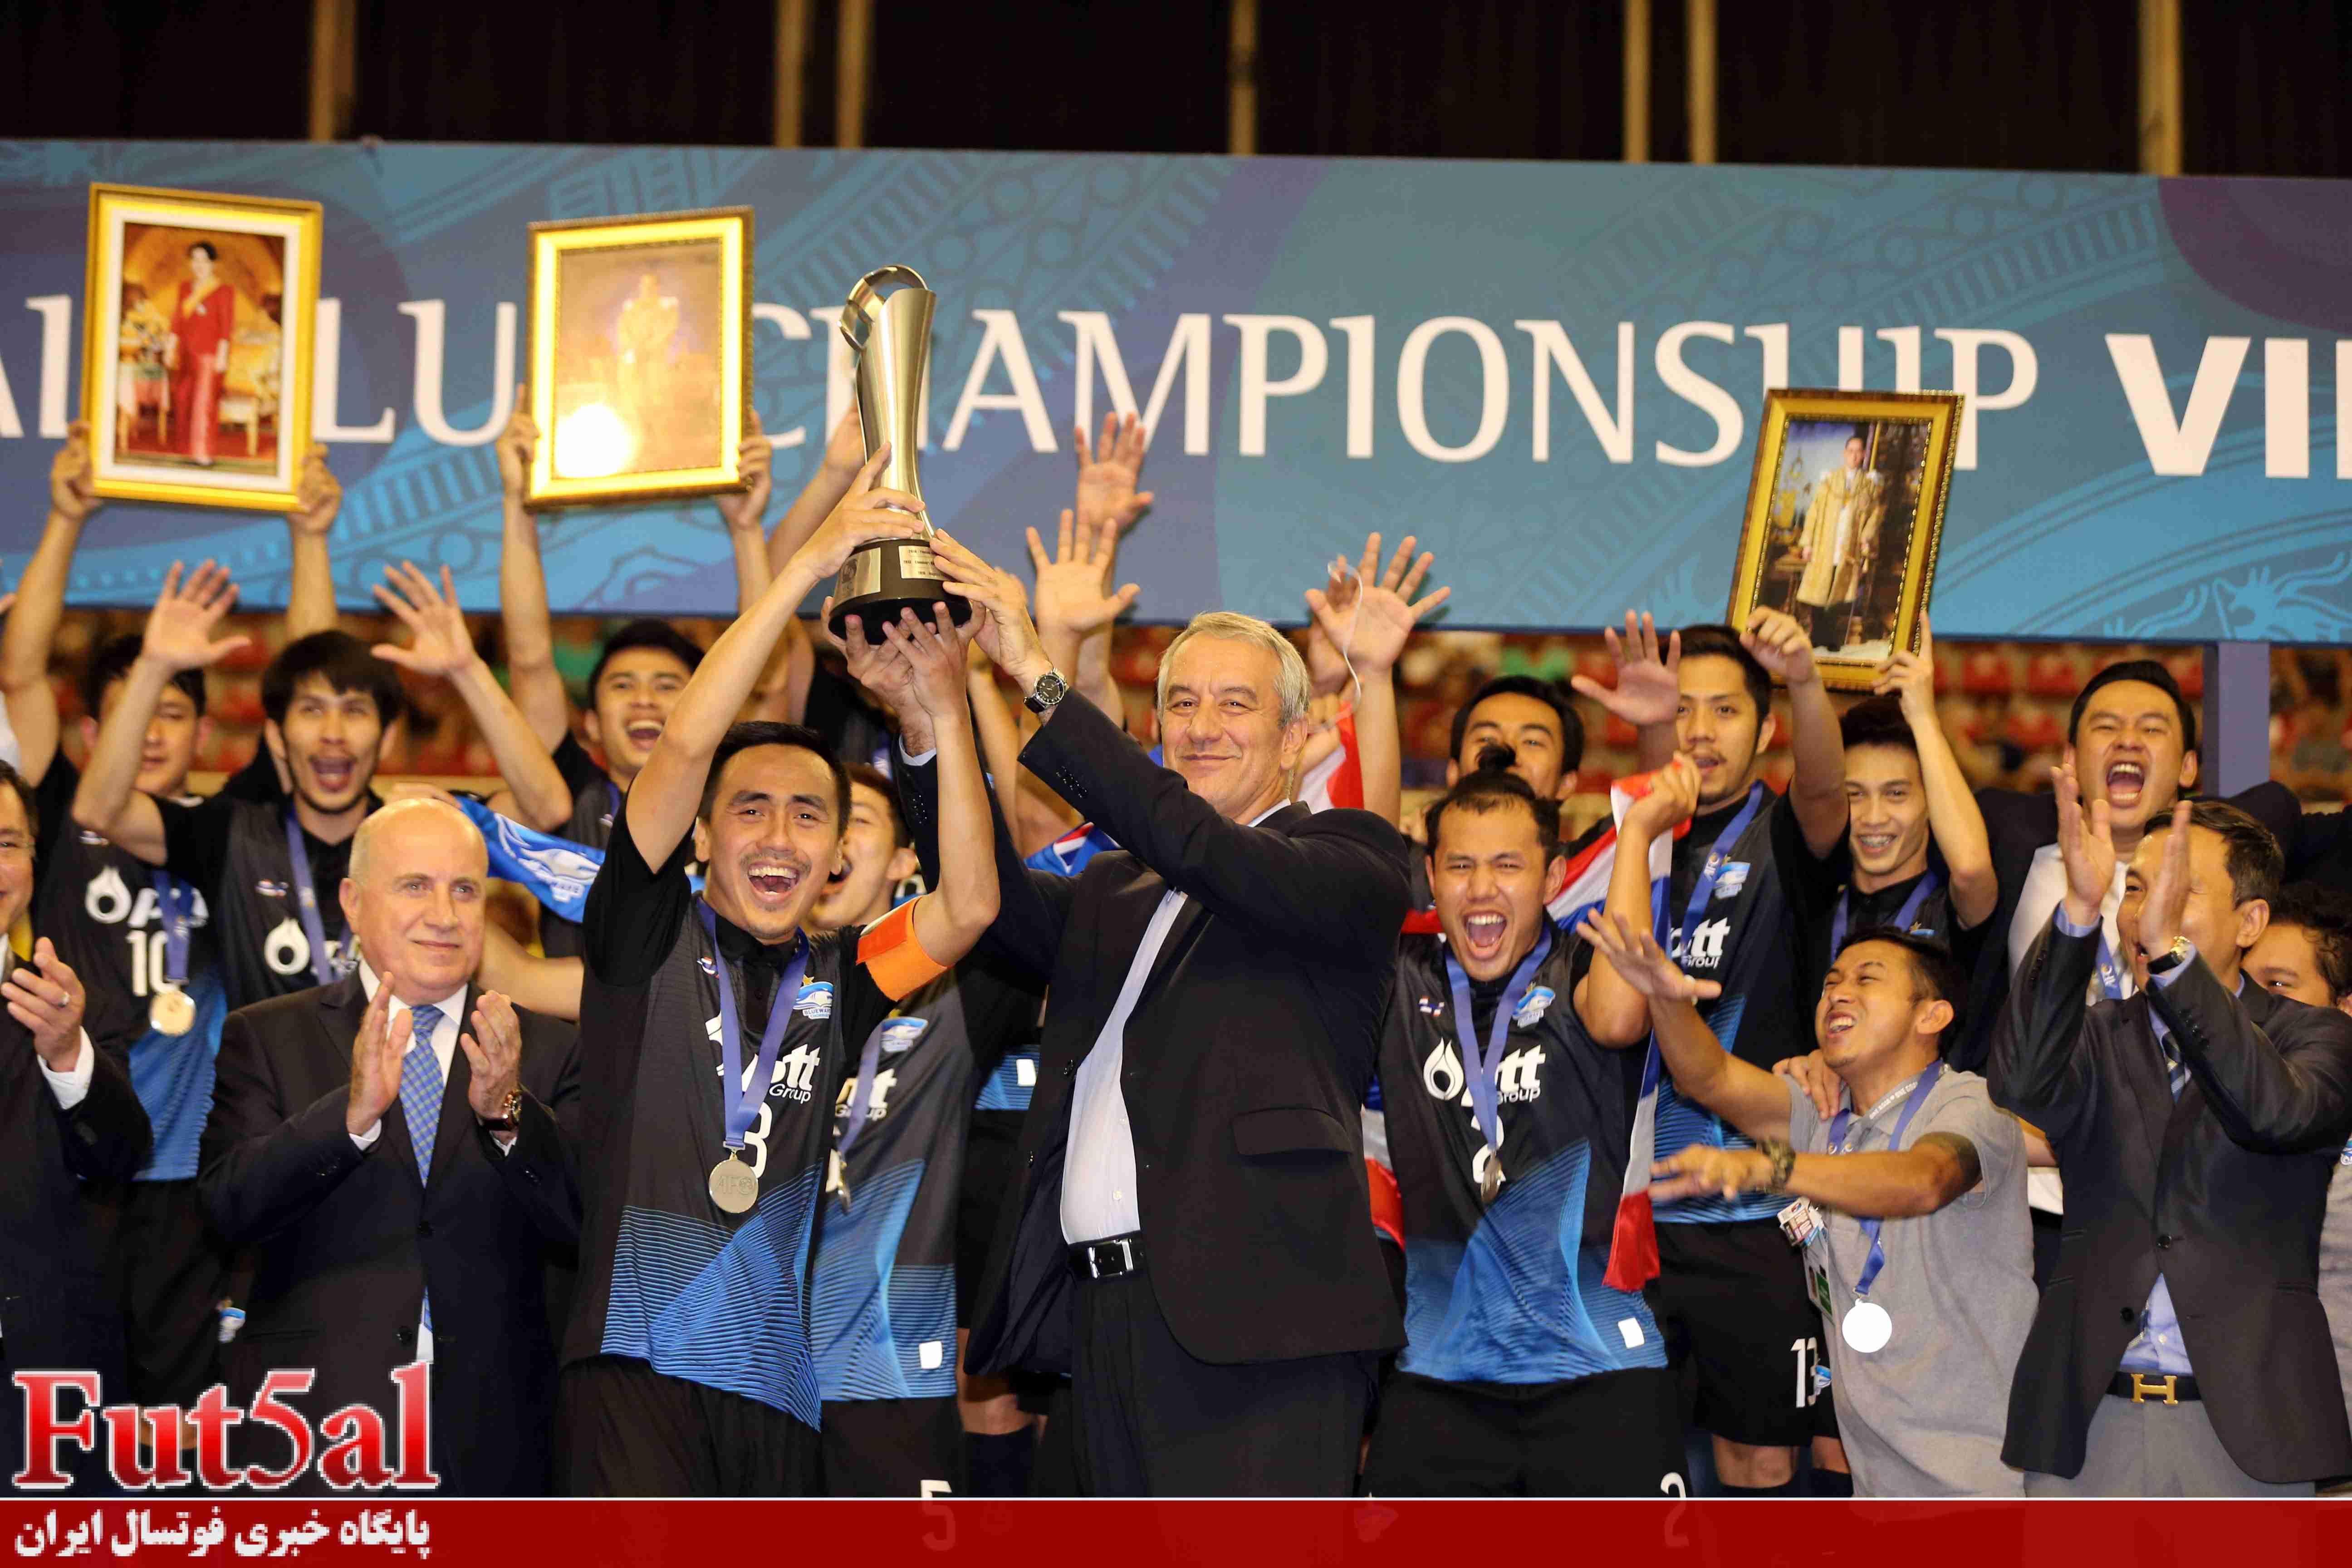 سری اول گزارش تصویری/بازی تیم های گیتی پسند ایران با چونبوری تایلند